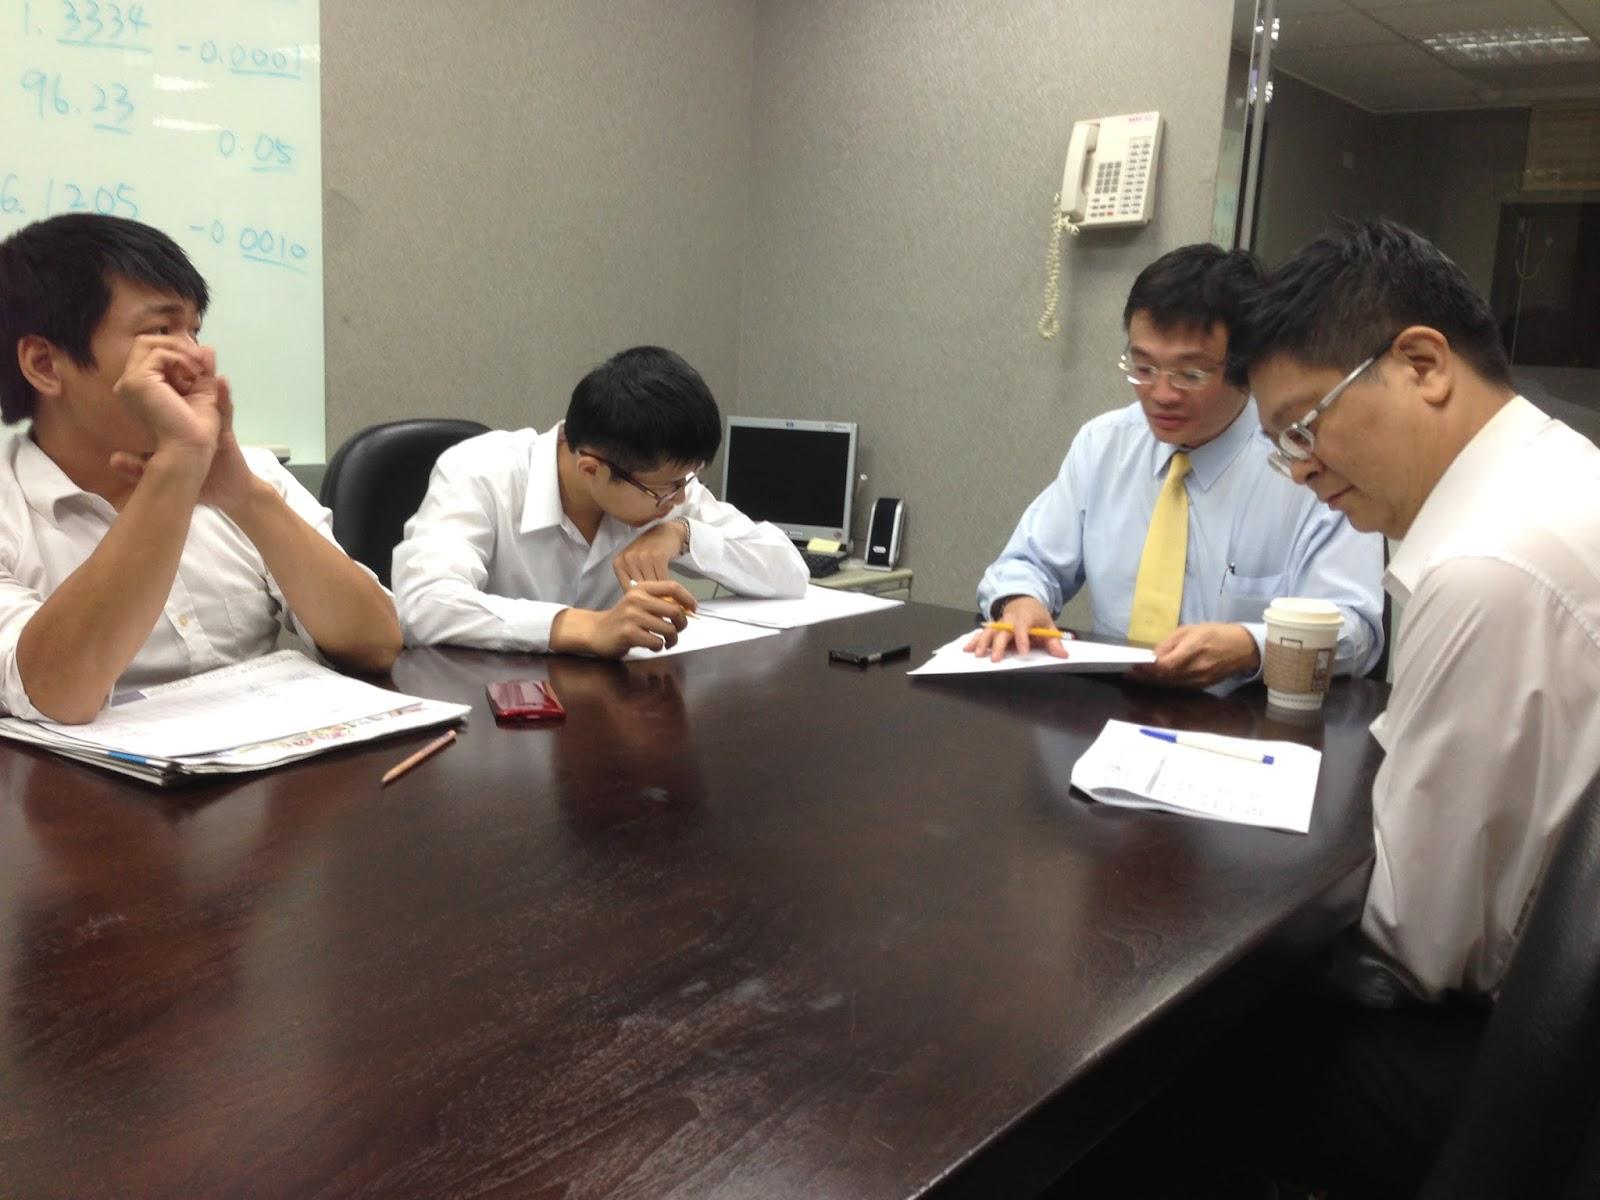 揭開金融業的神秘面紗-日盛銀行實習心得 - 研發處就業實習平臺 - 南華大學知識社群系統